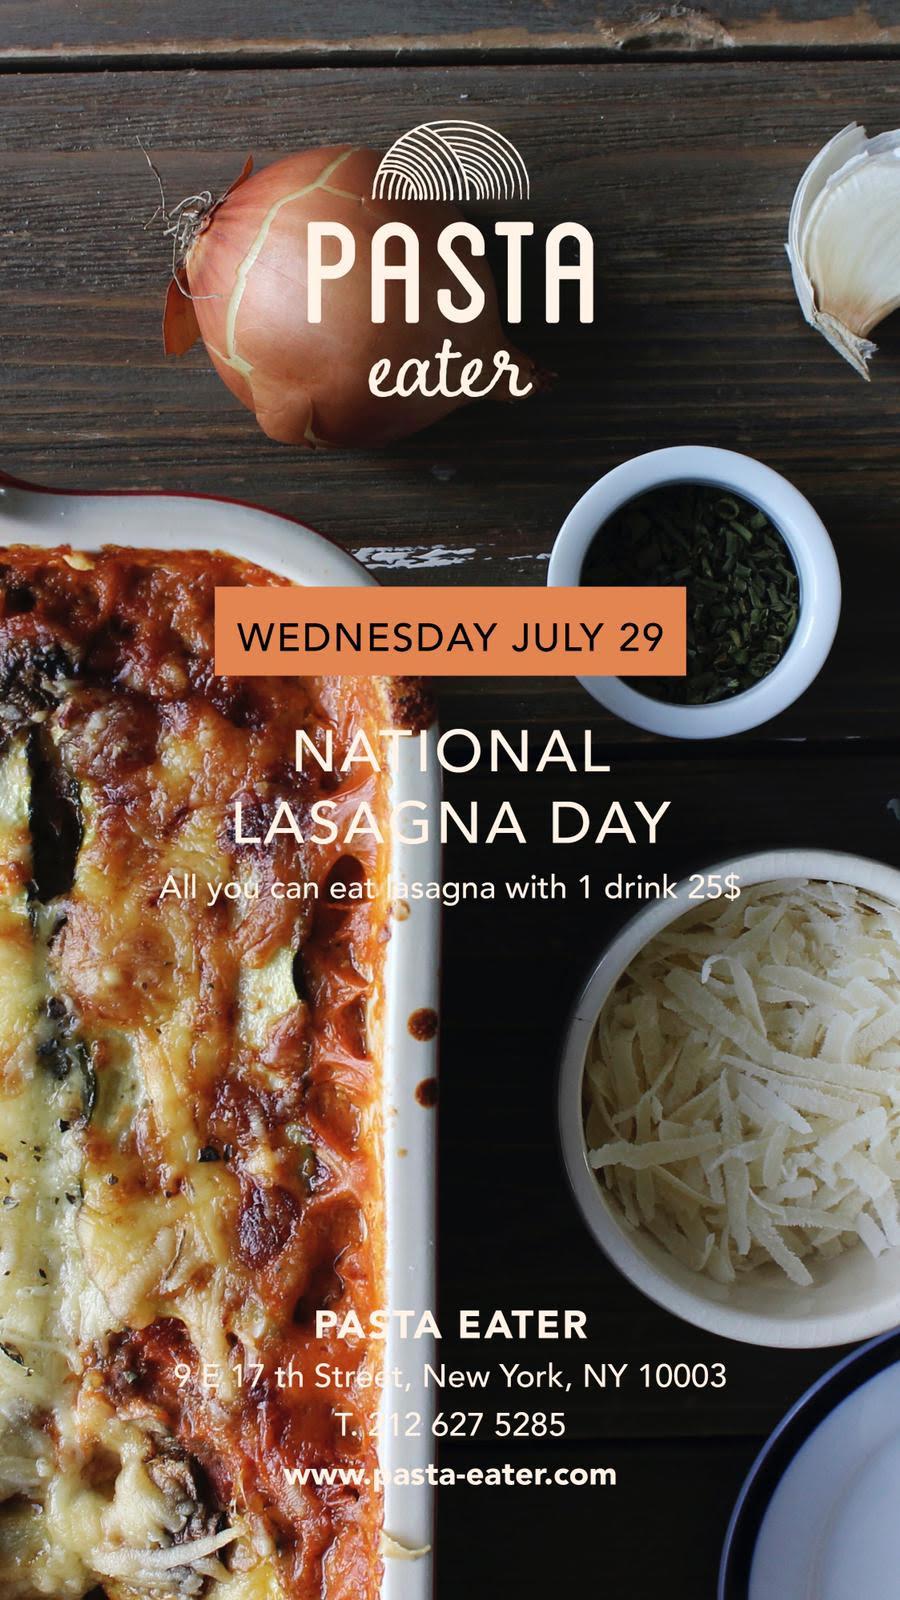 National Lasagna Day at Pasta Eater